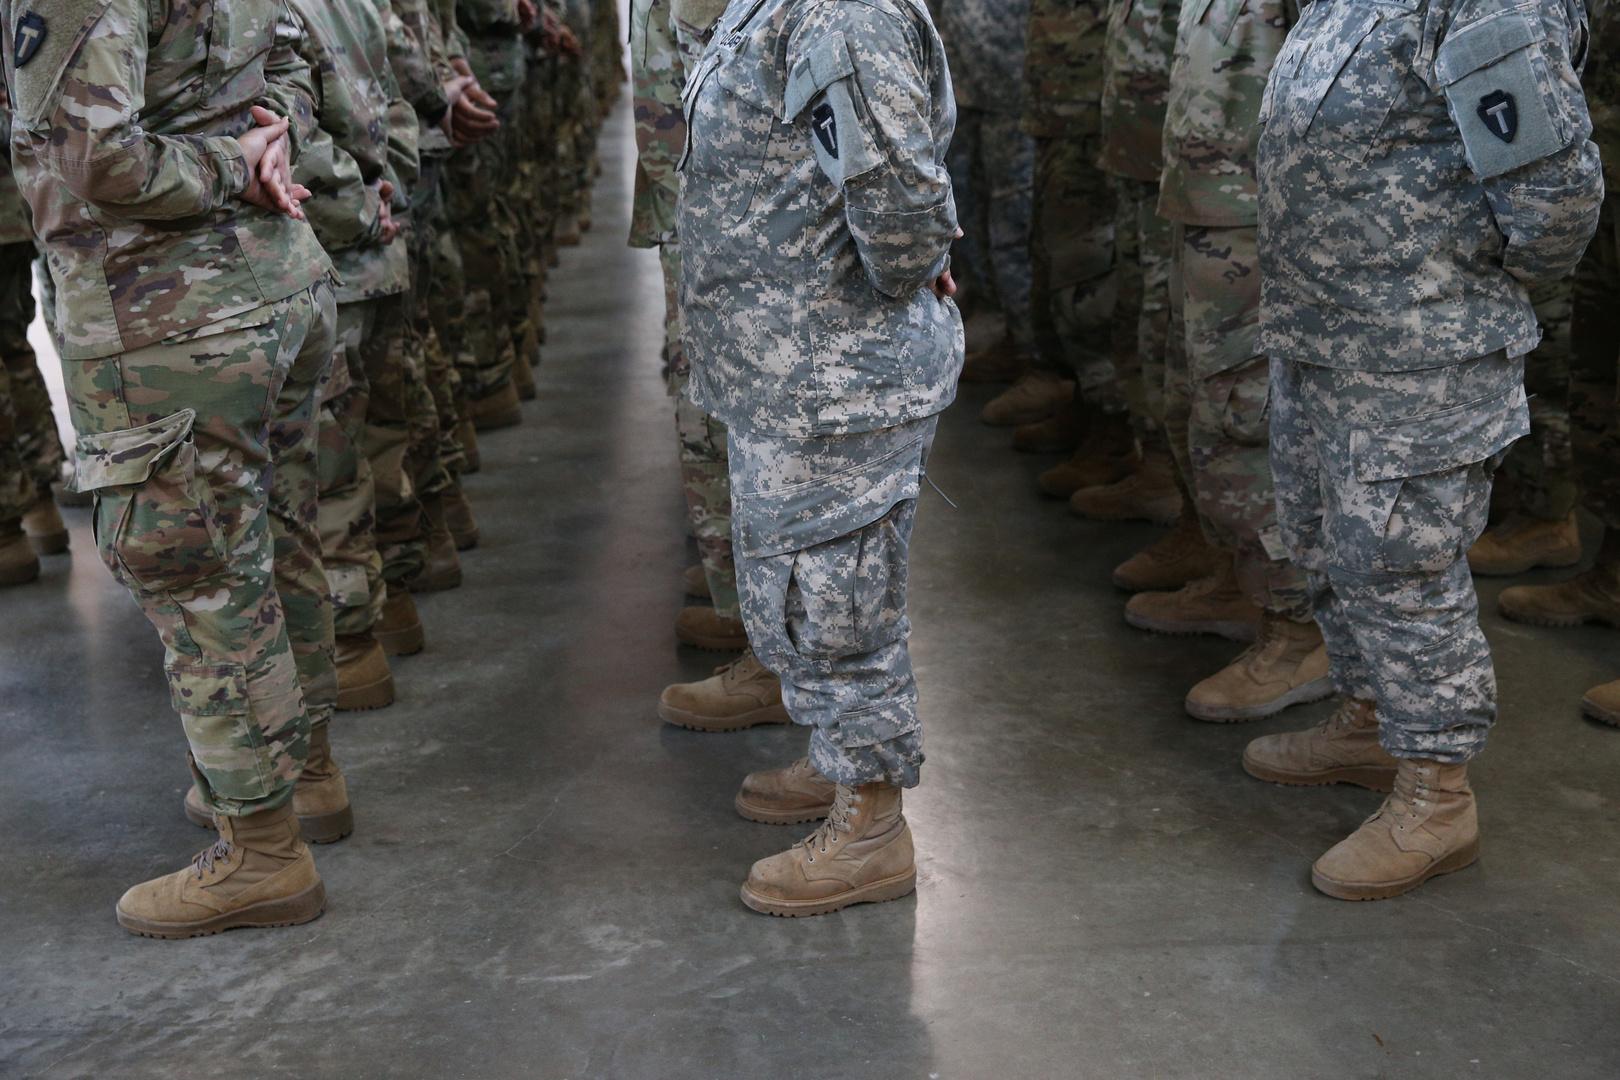 تقرير: عسكريون أمريكيون ربما نقلوا كورونا إلى ووهان الصينية